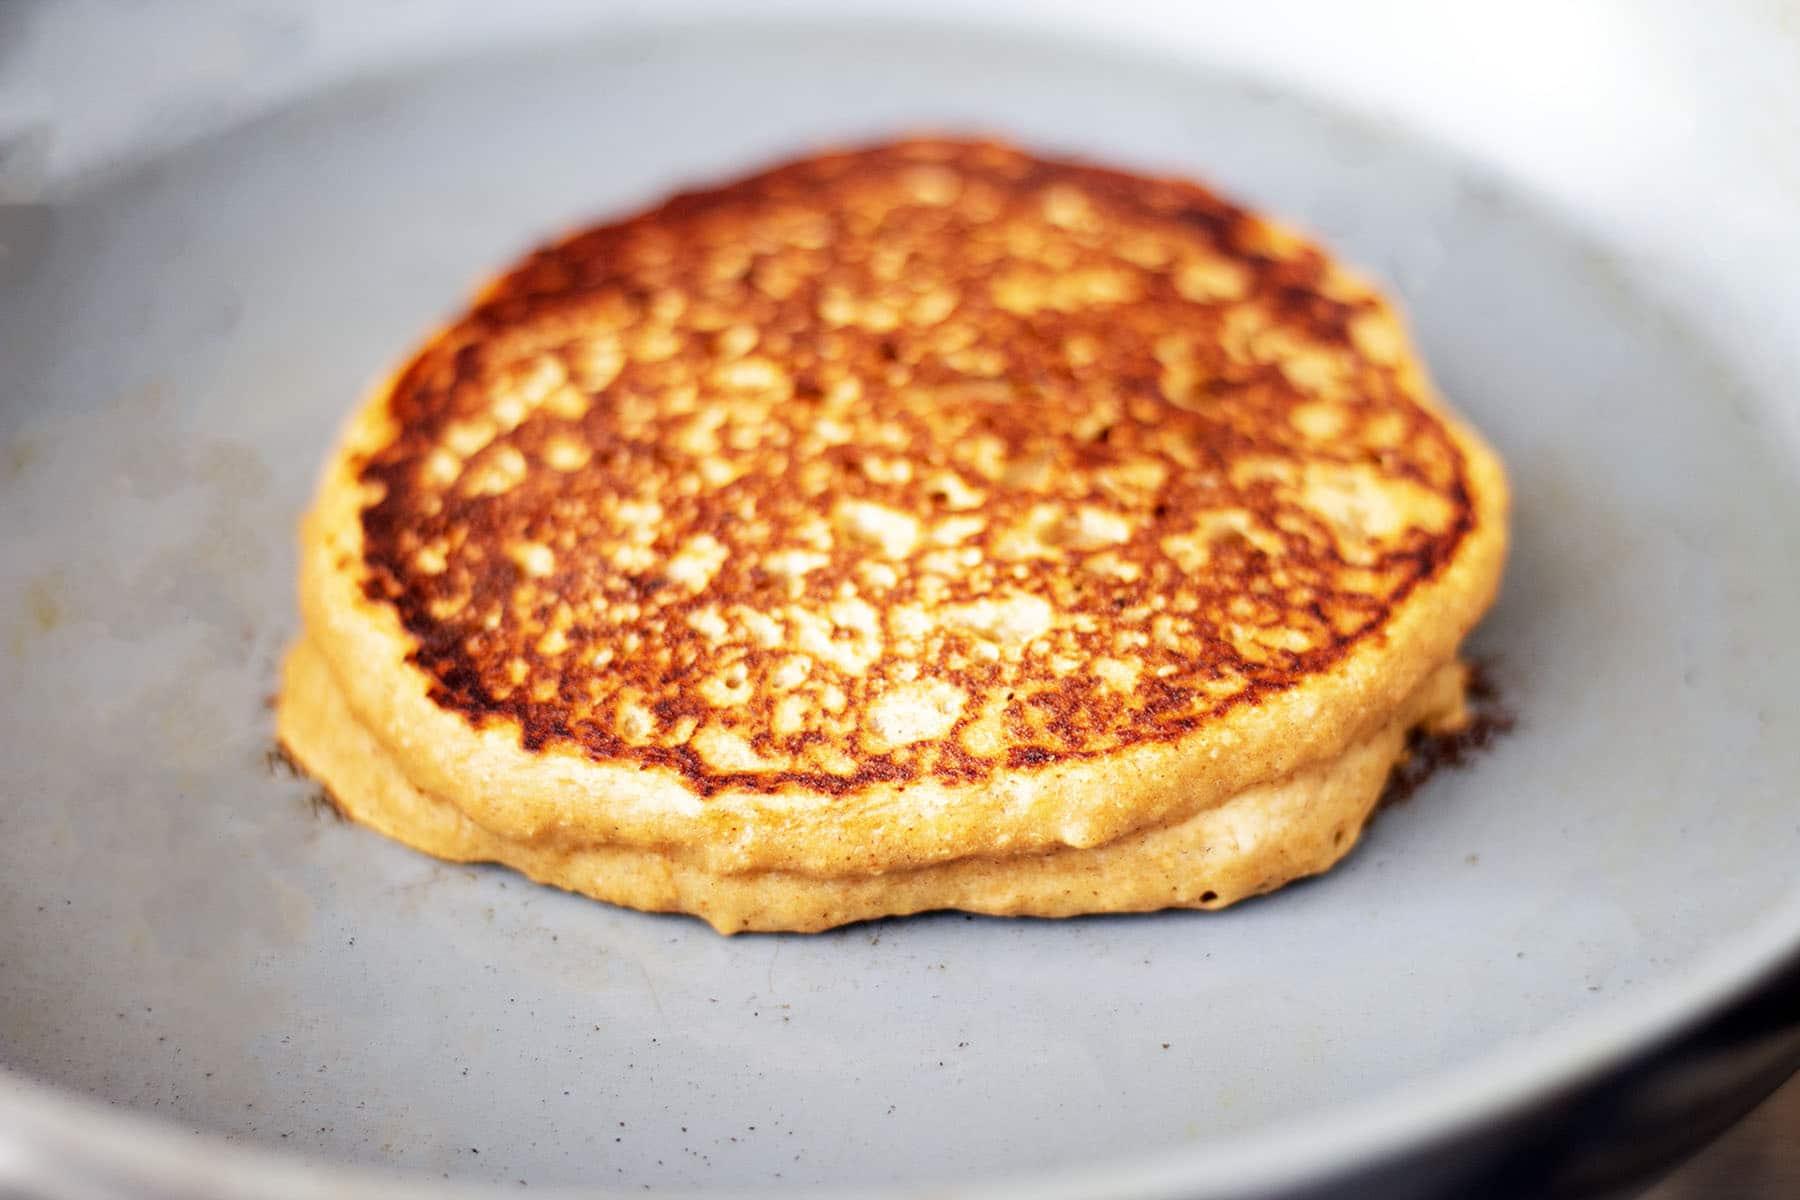 sweet potato pancake cooking on grey pan